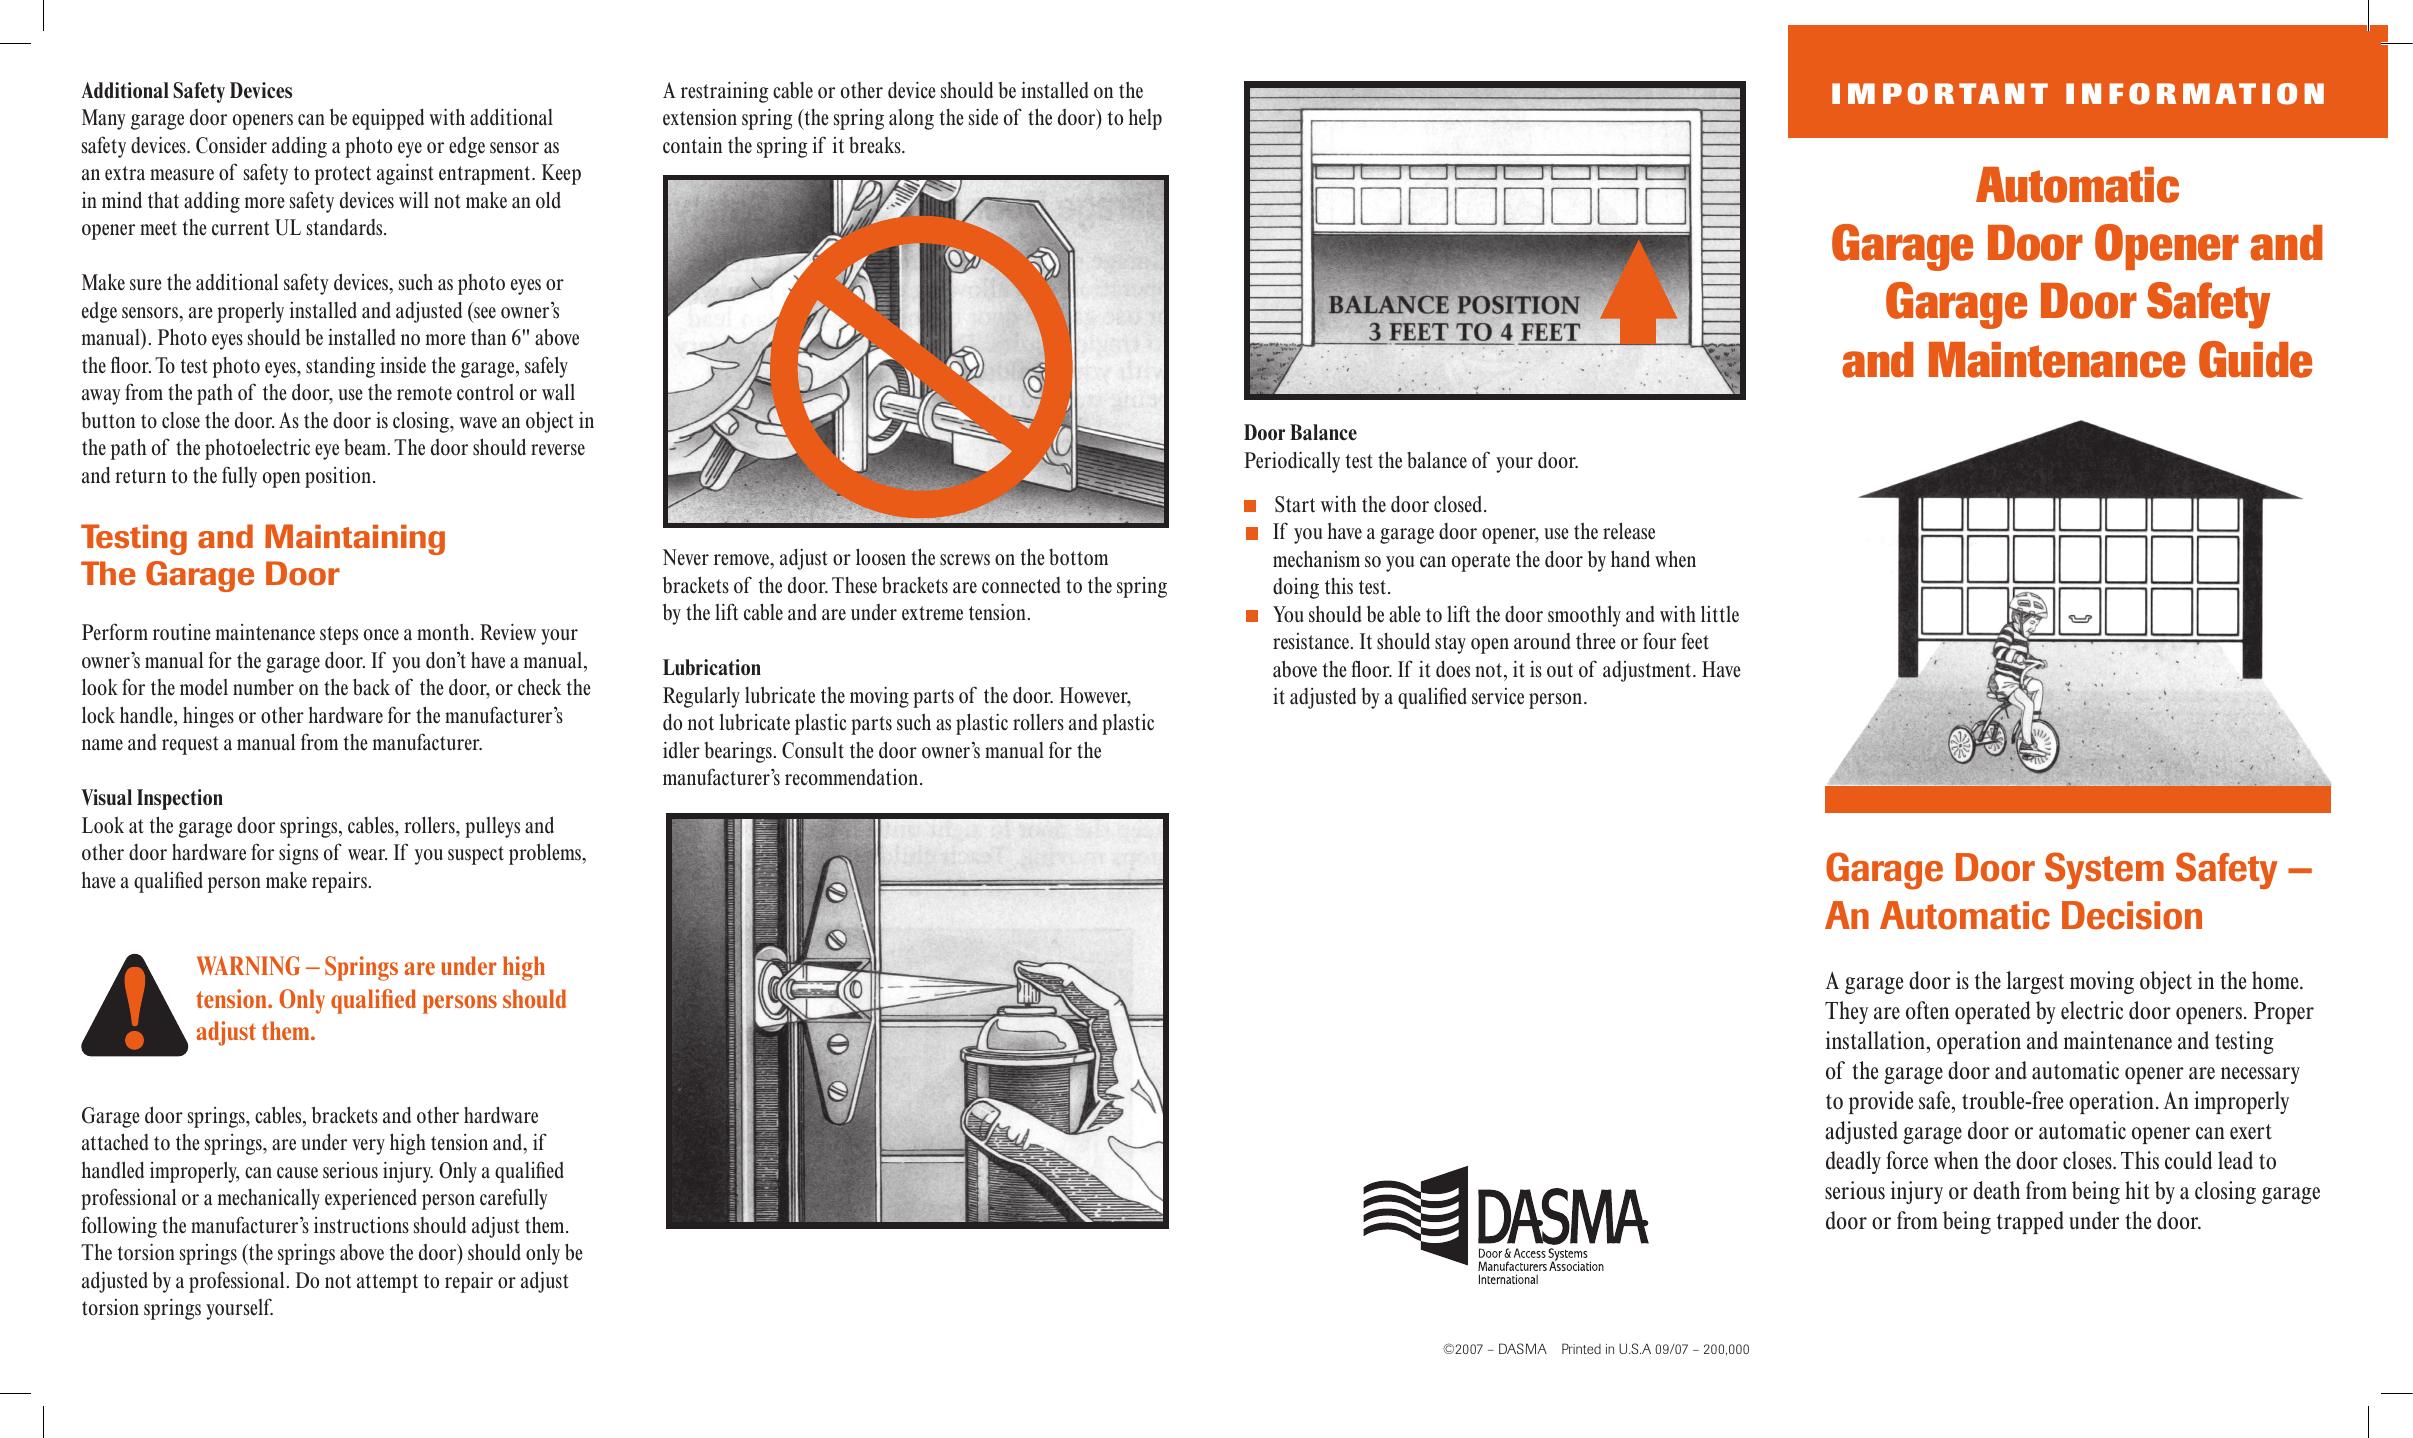 Automatic Garage Door Opener And Garage Door Safety